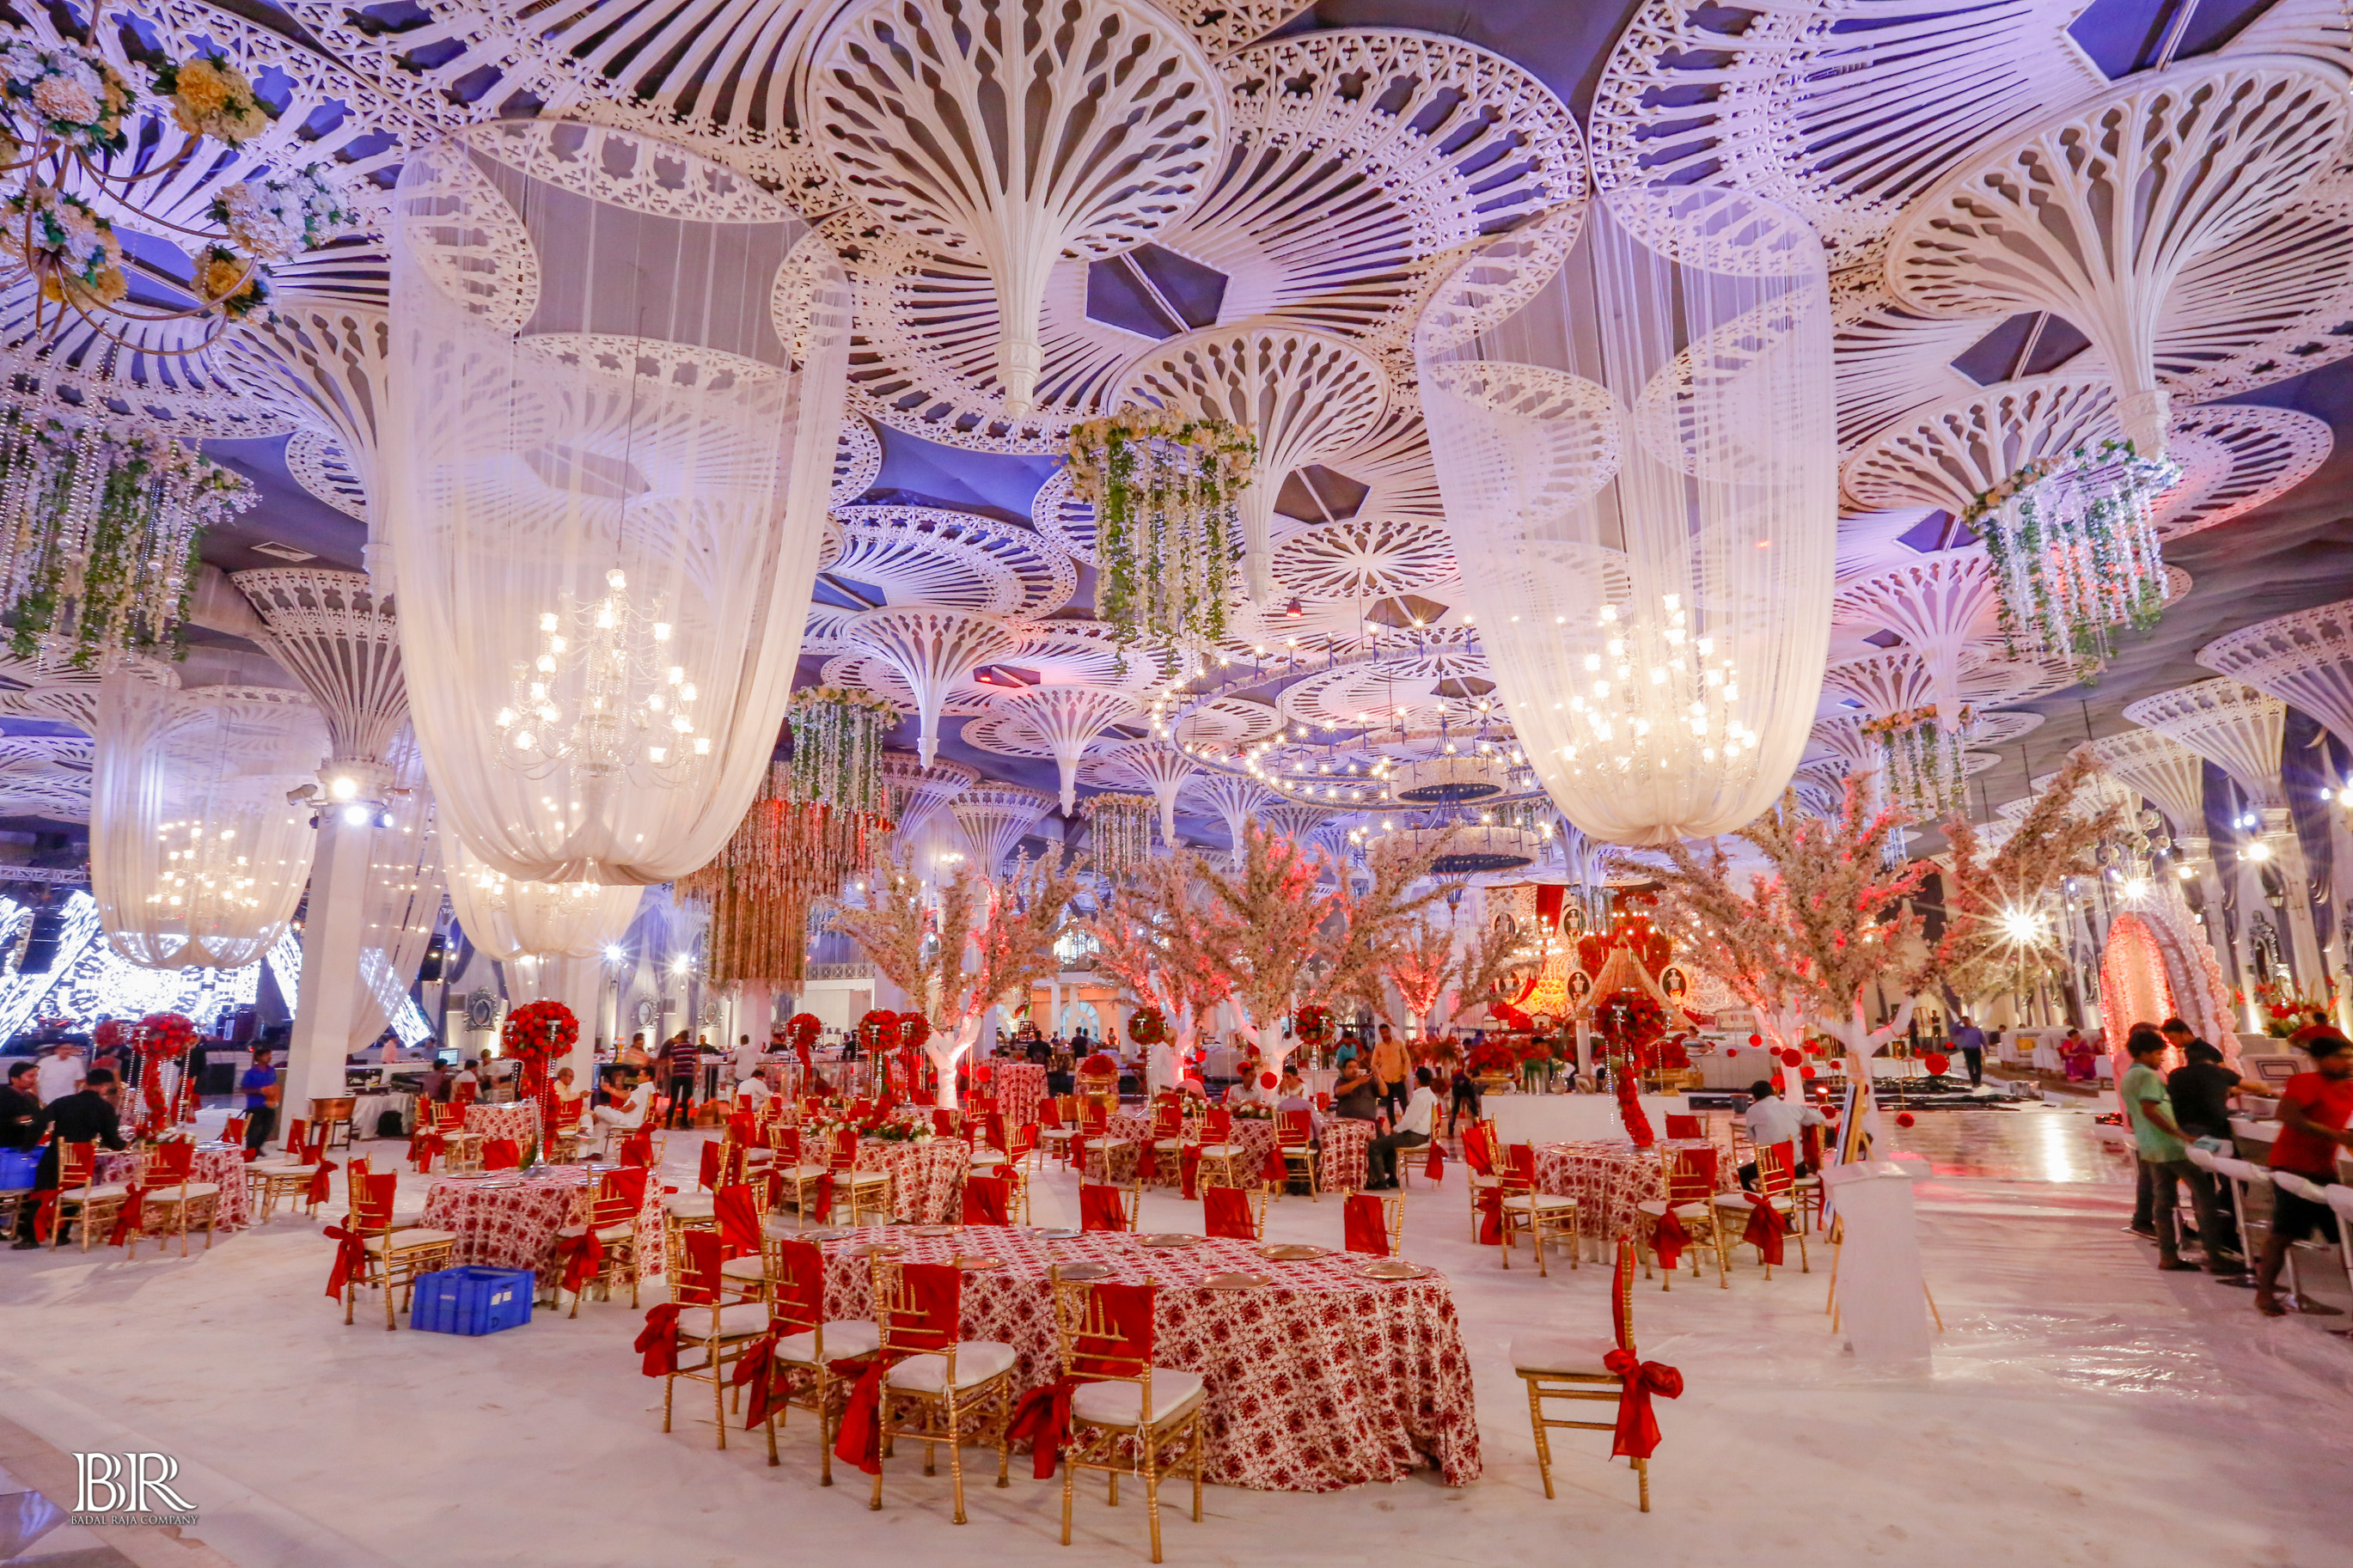 wedding venue, Ferns N Petals, wedding decor